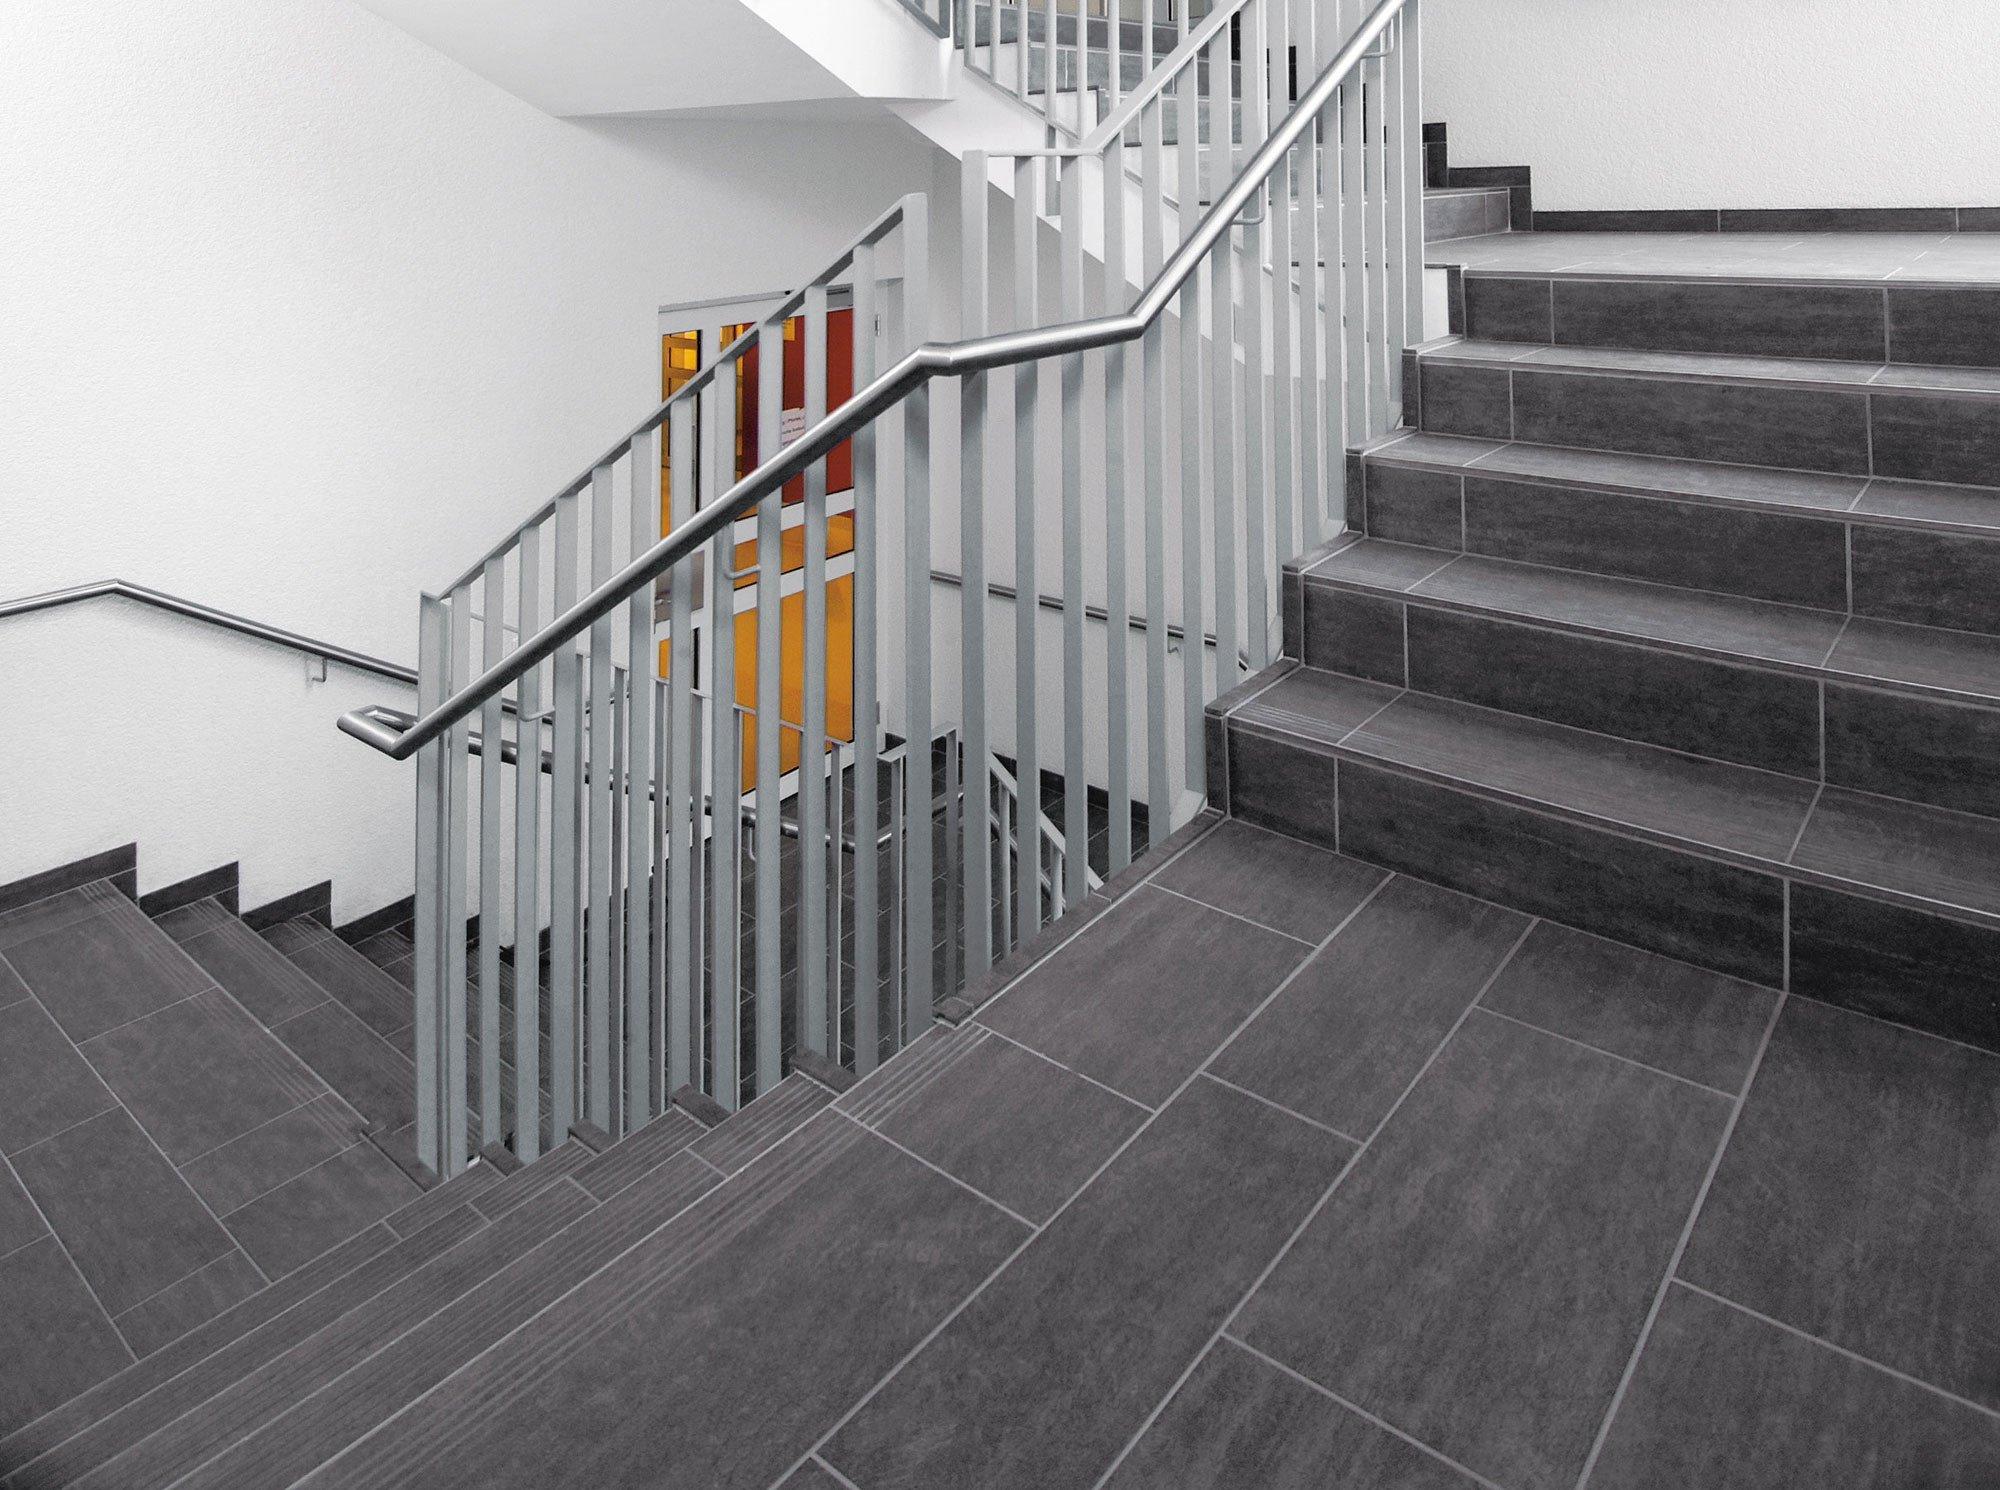 stufenausbildung treppen planungsgrundlagen baunetz wissen. Black Bedroom Furniture Sets. Home Design Ideas